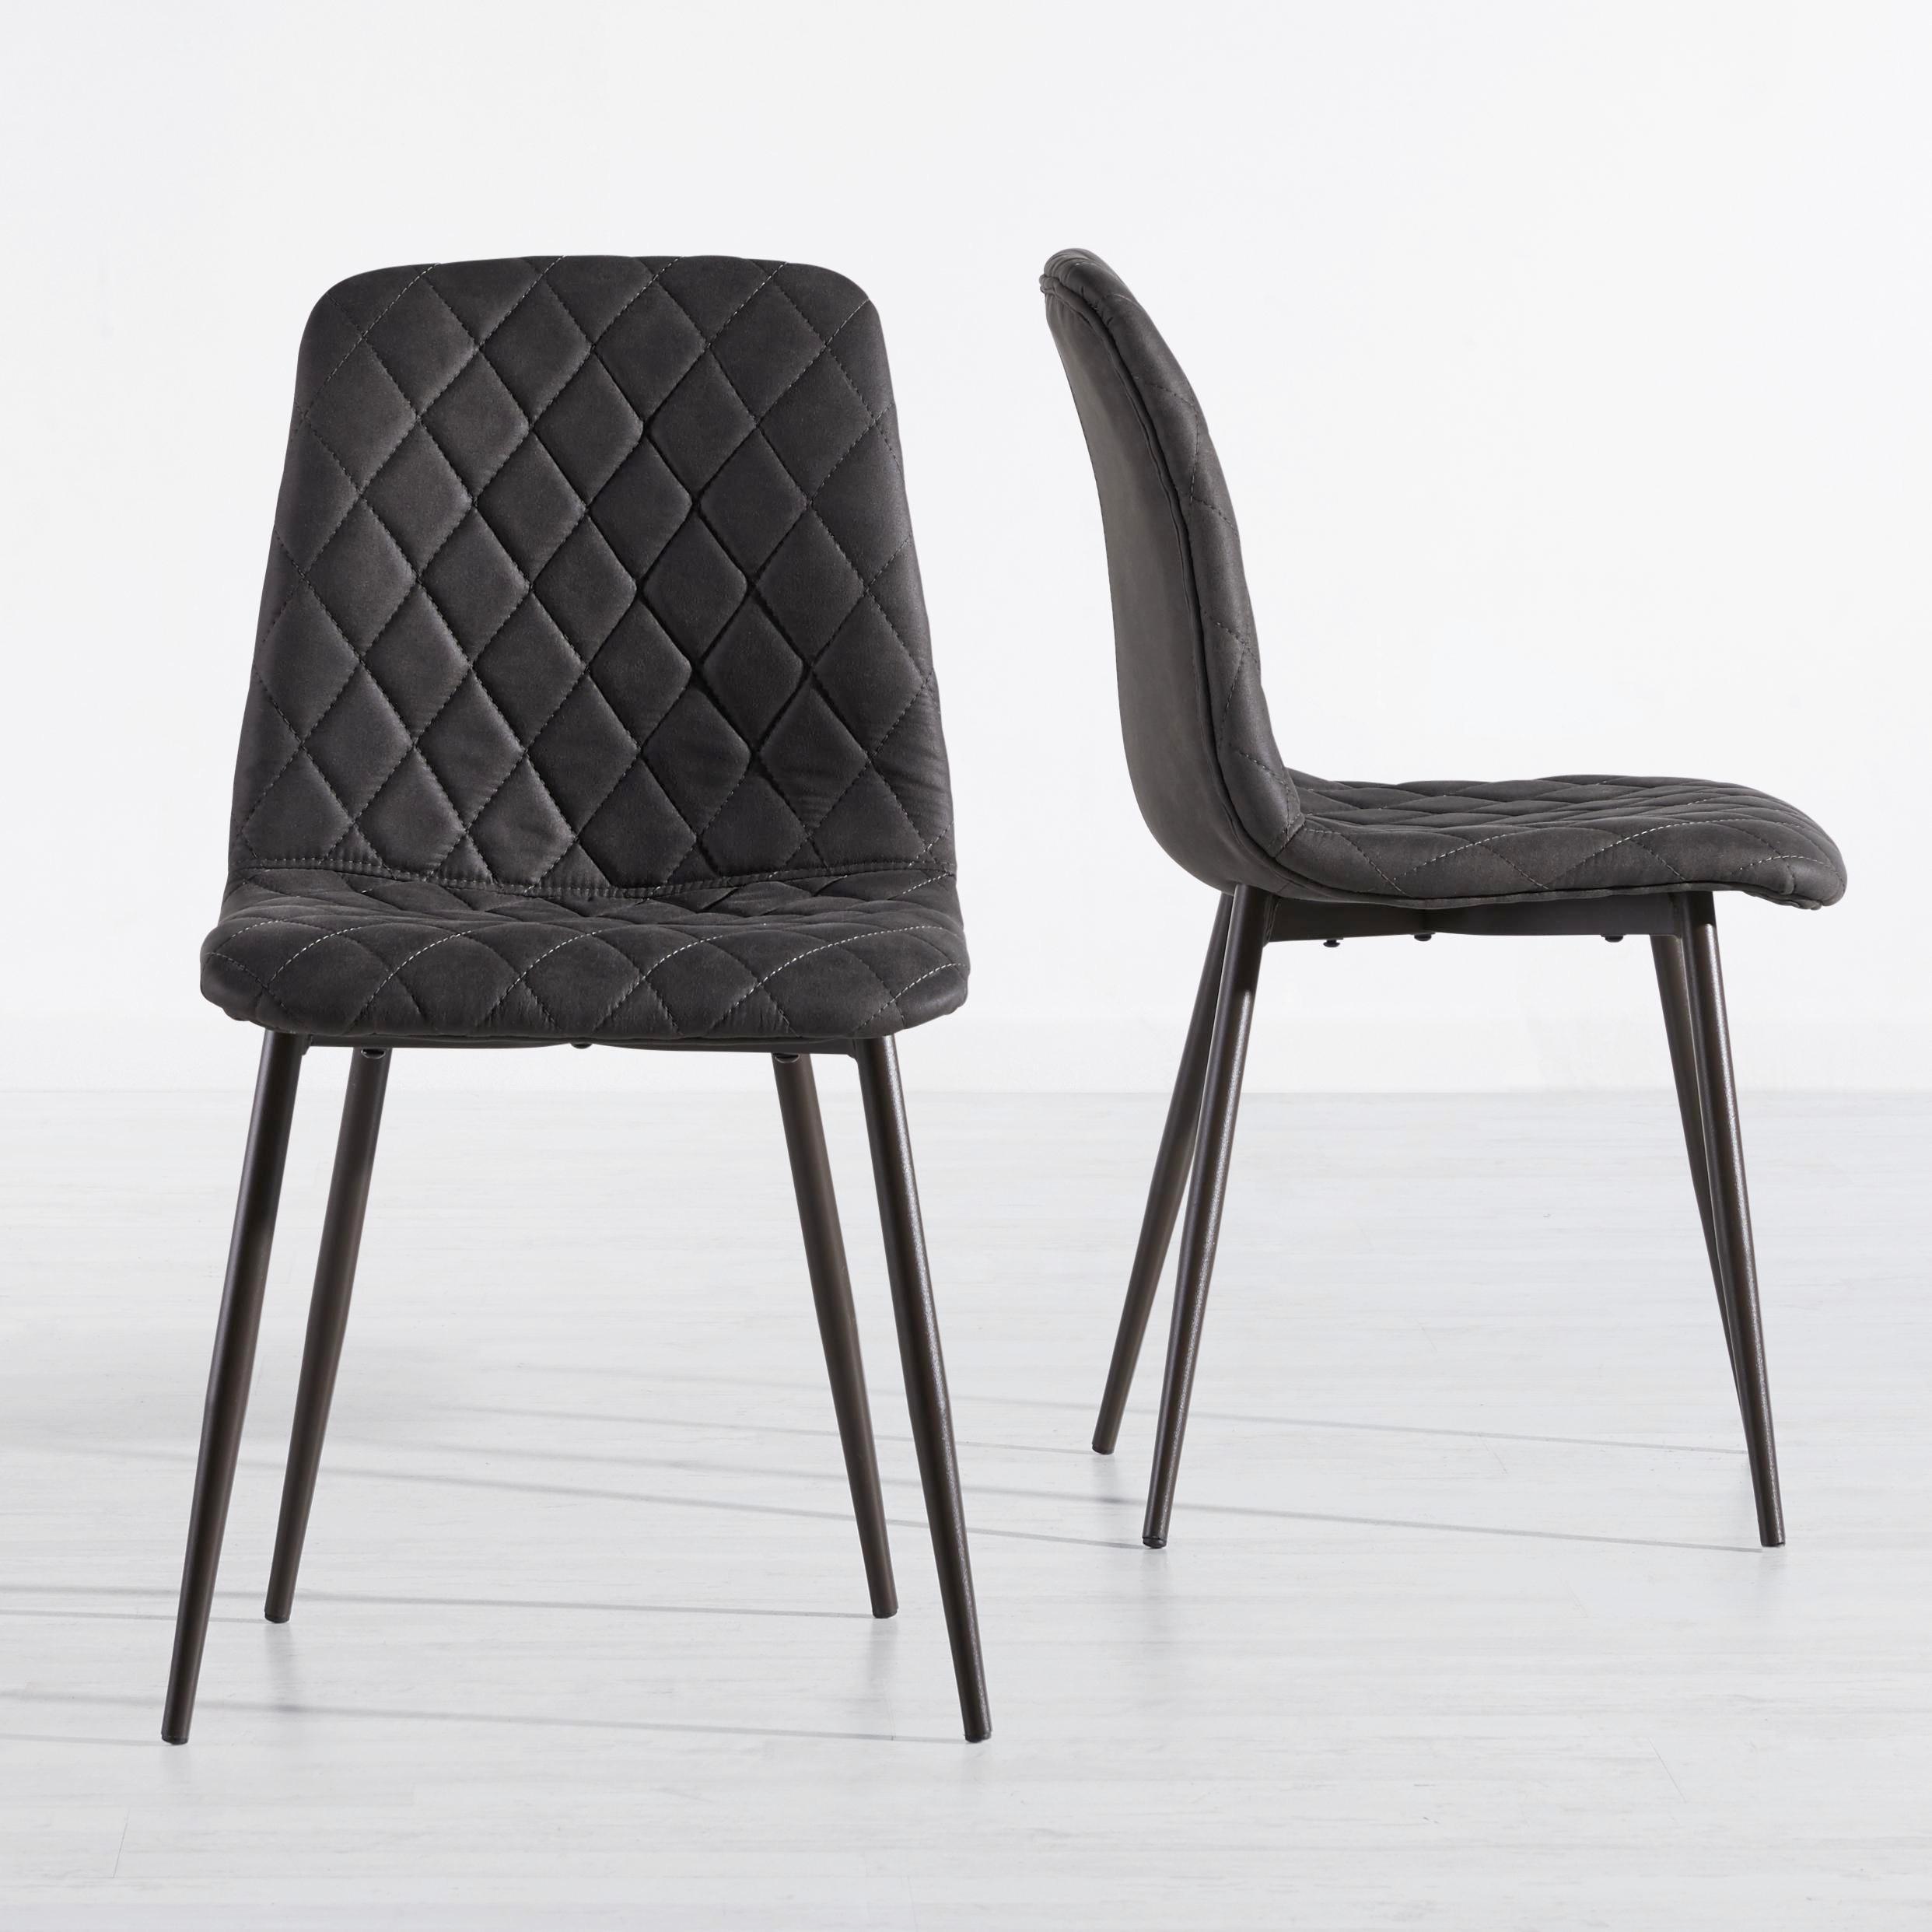 Stuhl Vittoria - Dunkelgrau, MODERN, Textil/Metall (45/85/51cm) - MÖMAX modern living